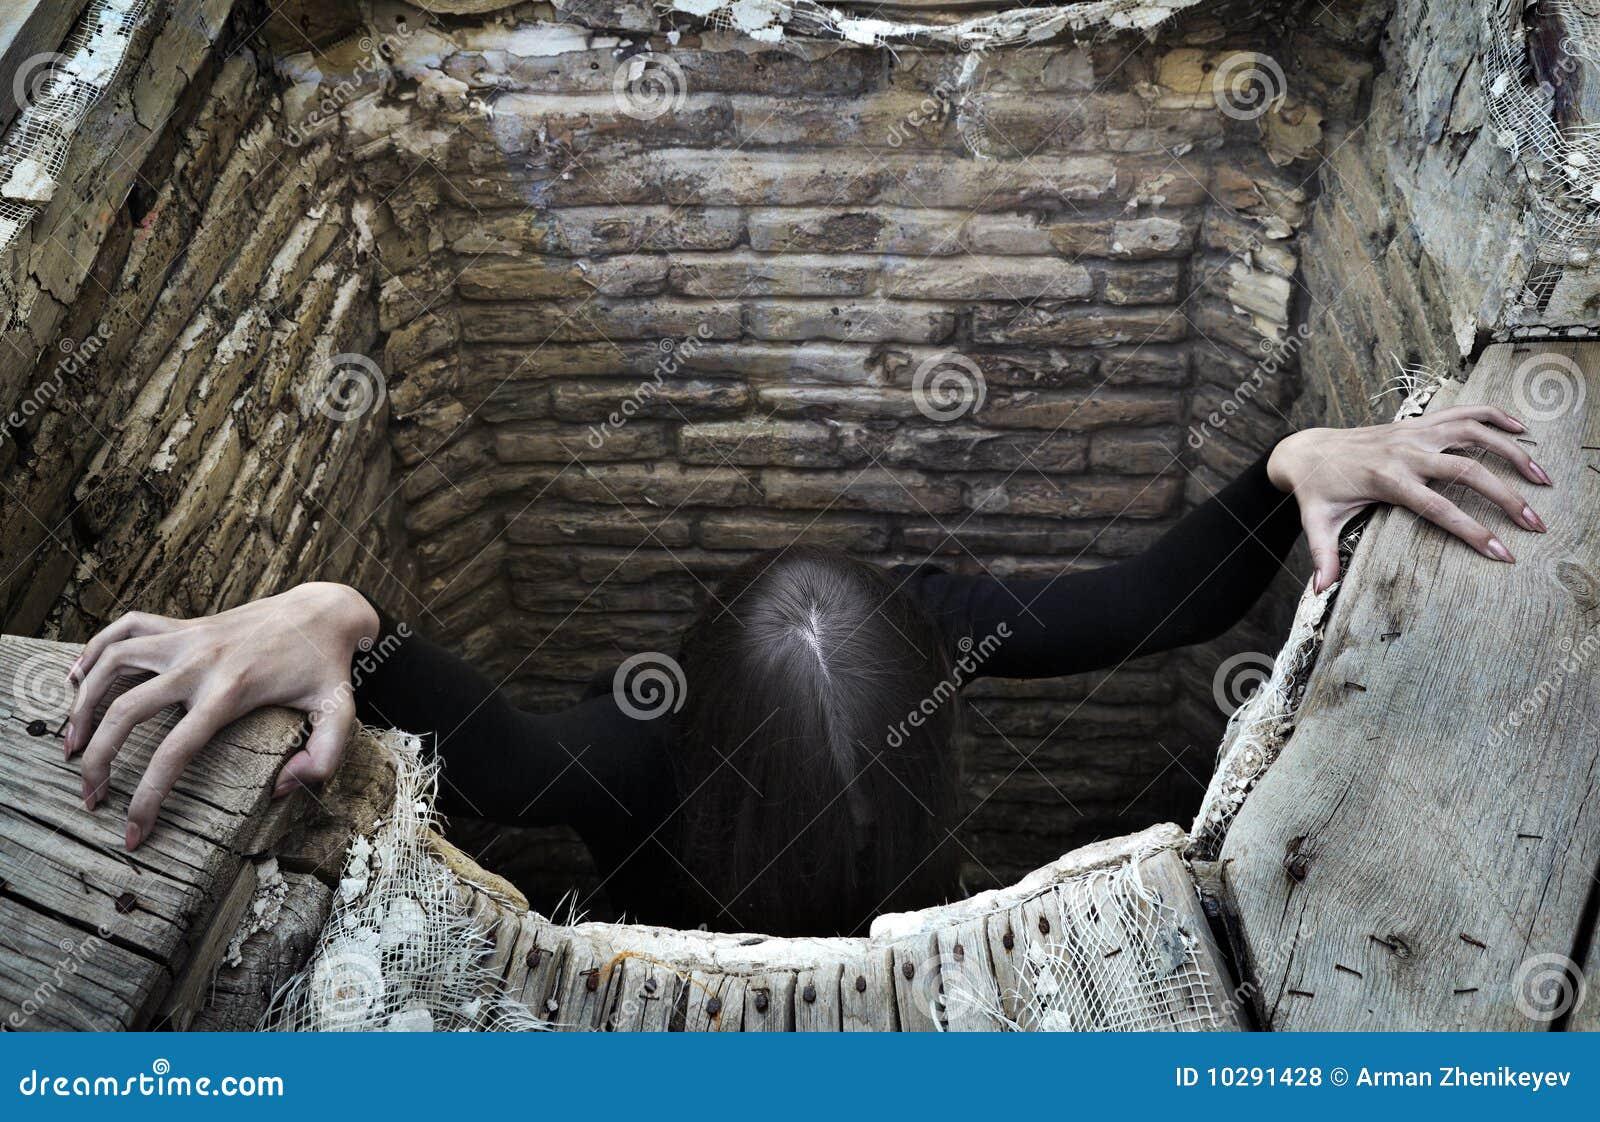 Ужасы московских подземелий 11 фотография